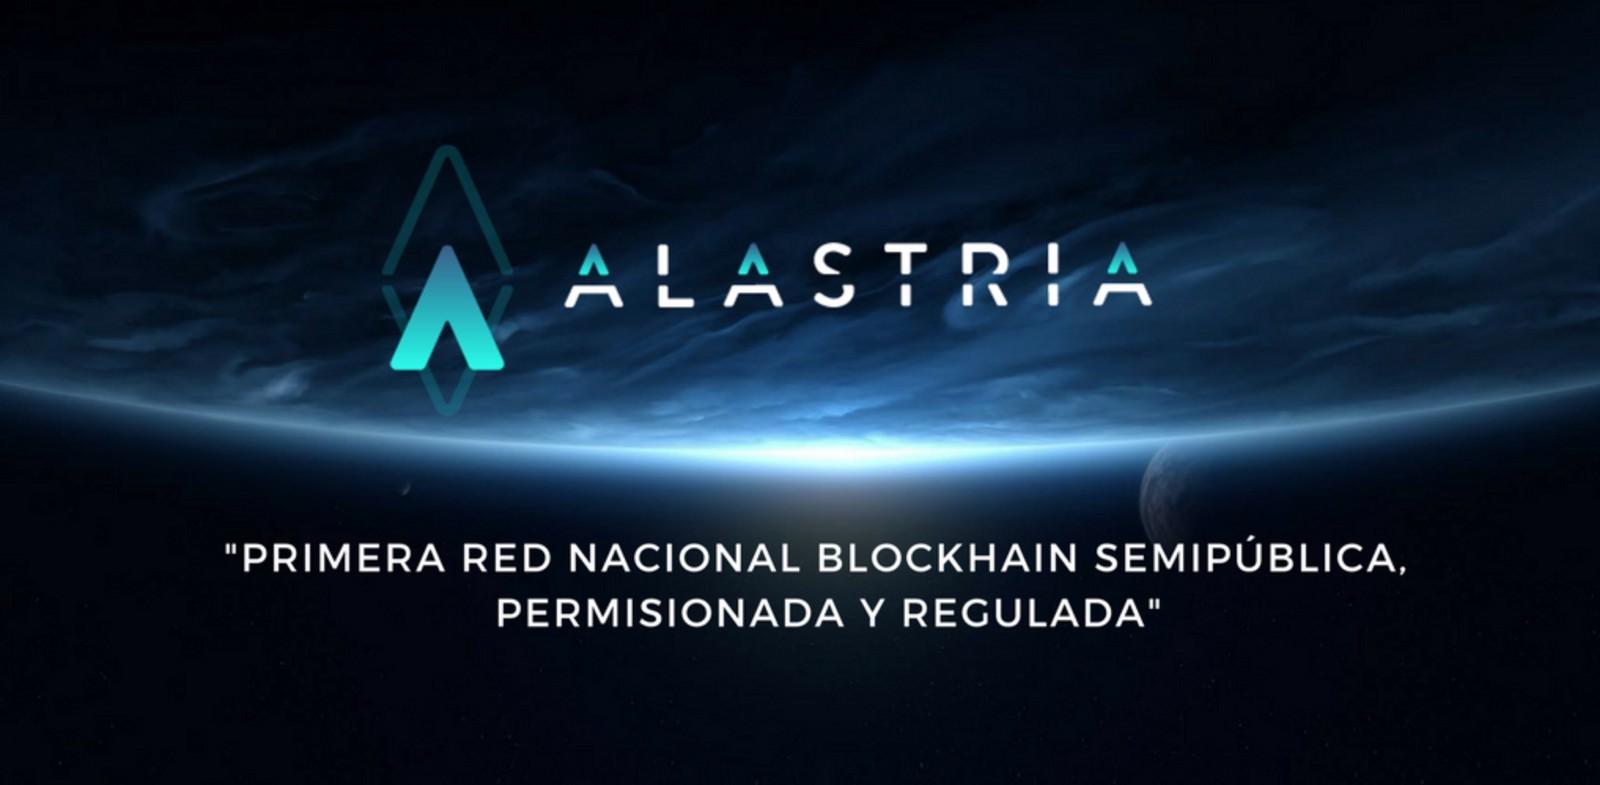 alastria-mujeres tech-españa-taller-blockchain